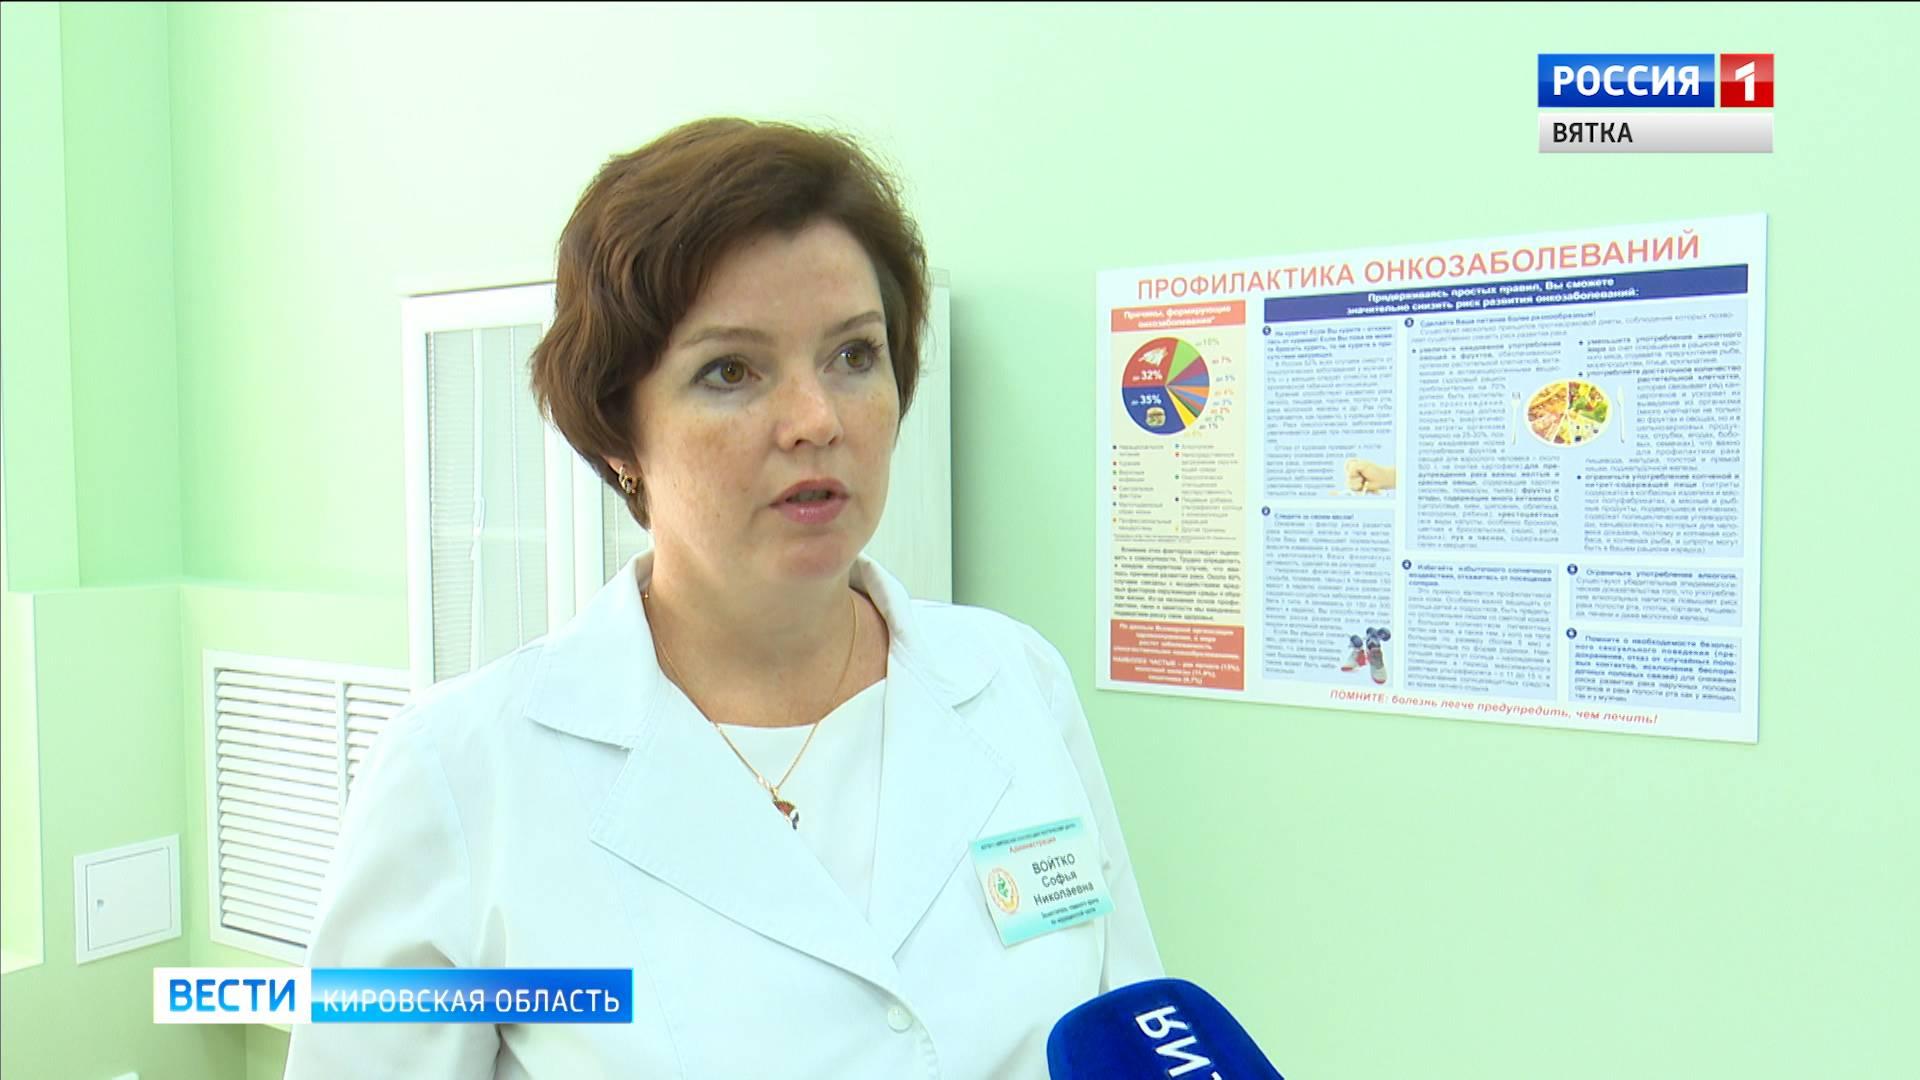 В Кирове открылся центр амбулаторной онкологической помощи